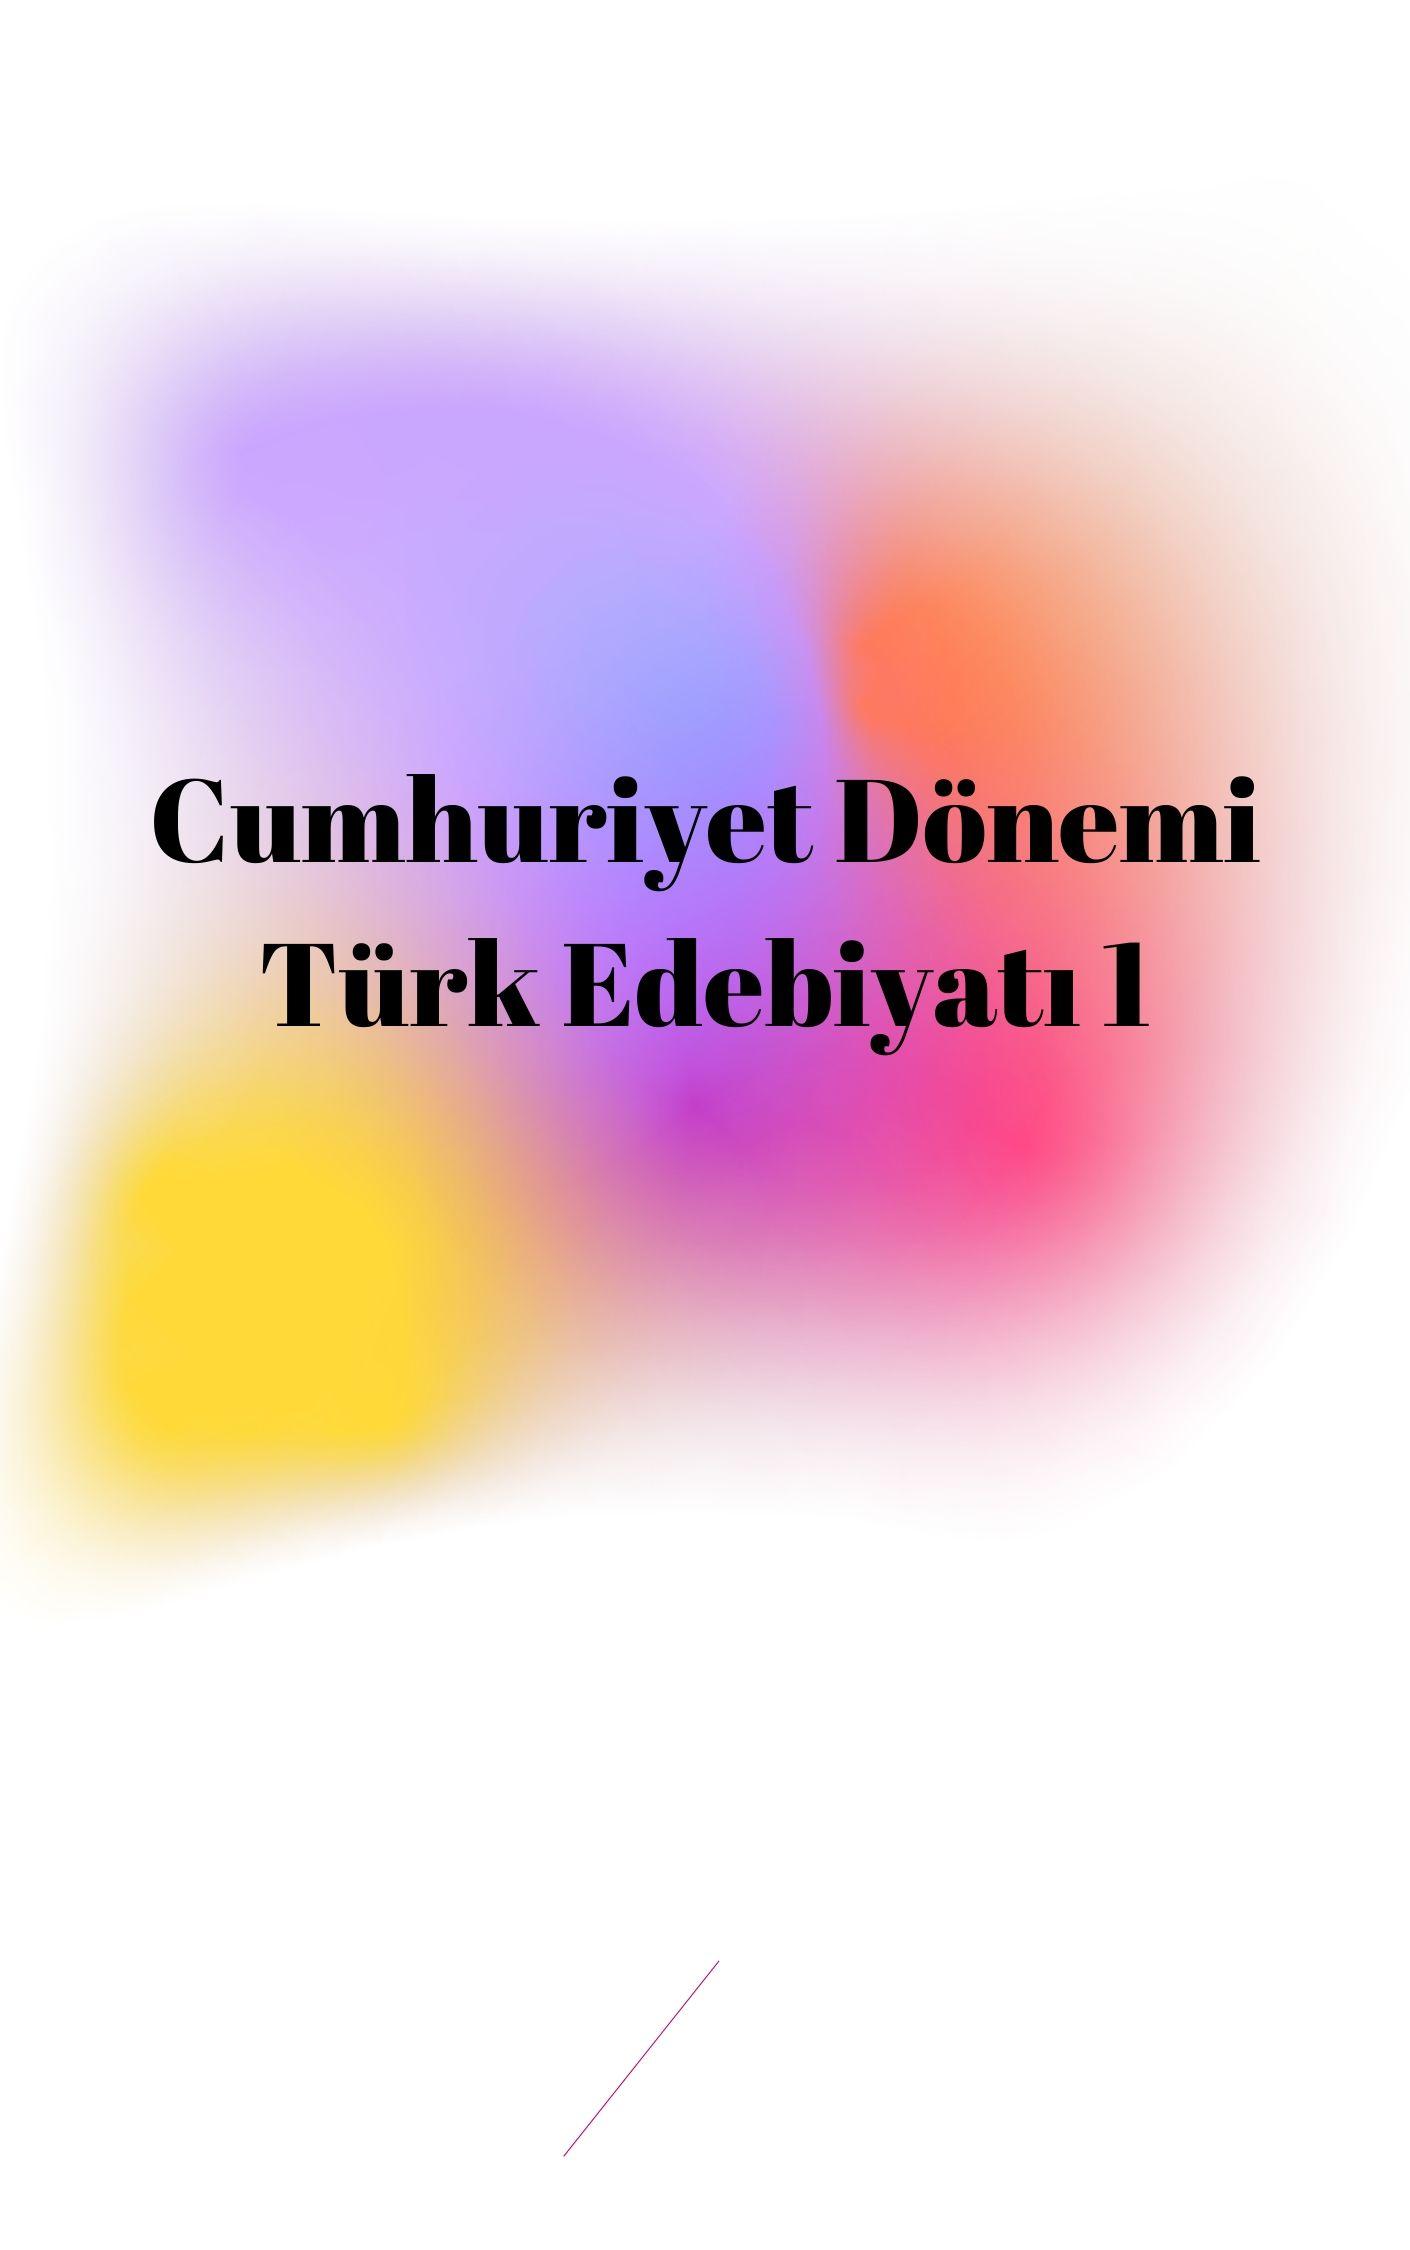 Cumhuriyet Dönemi Türk Edebiyatı 1 (1920-1940)